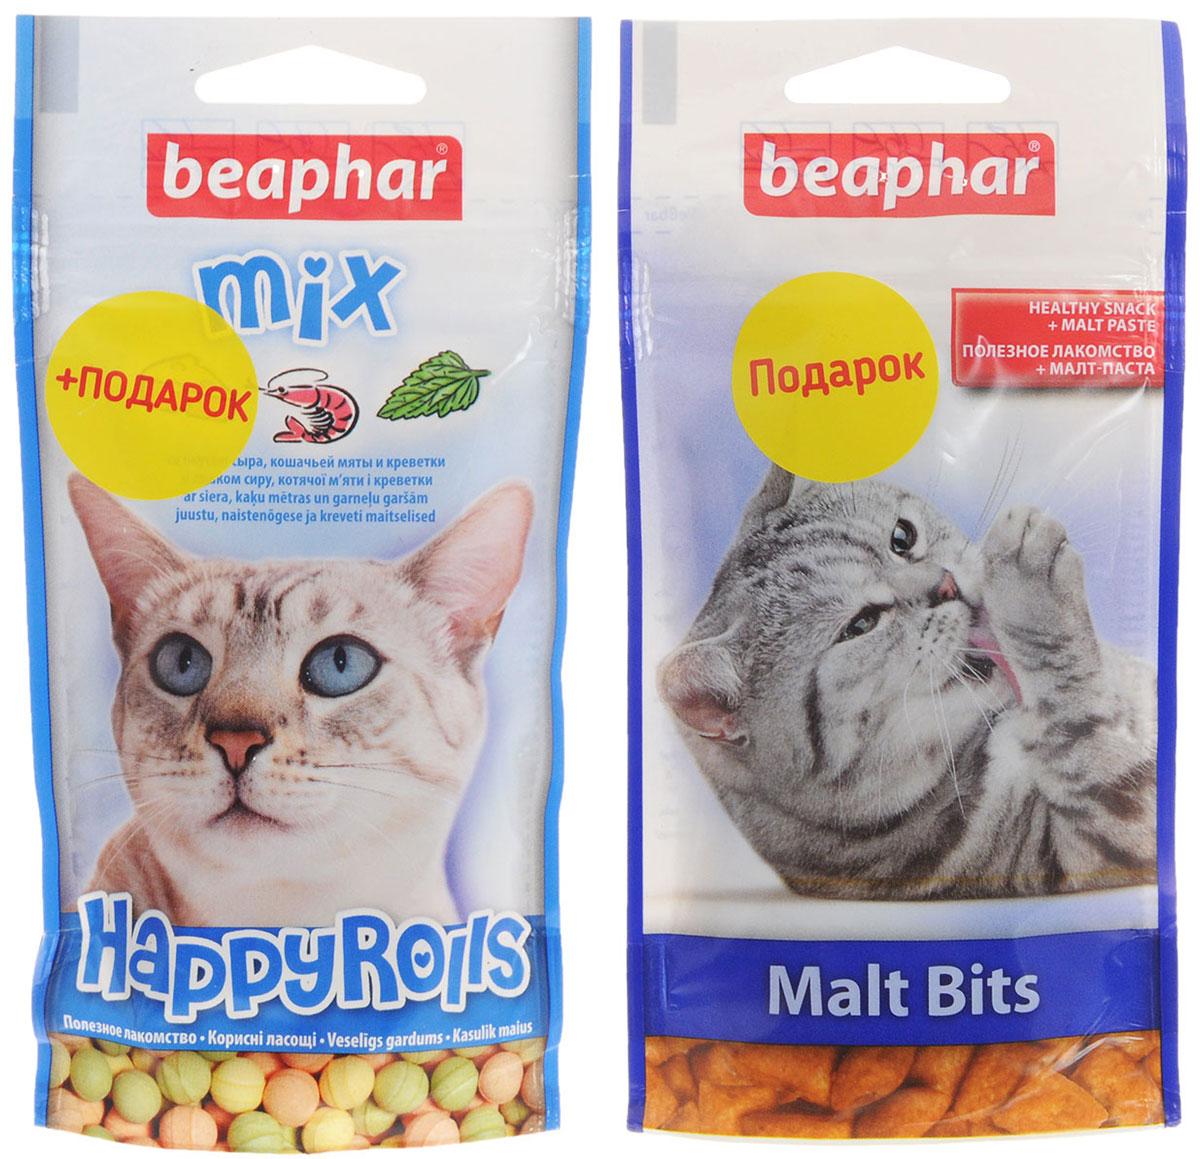 """Лакомство для кошек Beaphar """"Happy Rolls Mix"""", 80 шт (44,2 г) + ПОДАРОК: Лакомство для кошек Beaphar """"Malt Bits"""", 35 г 13184_синий,"""